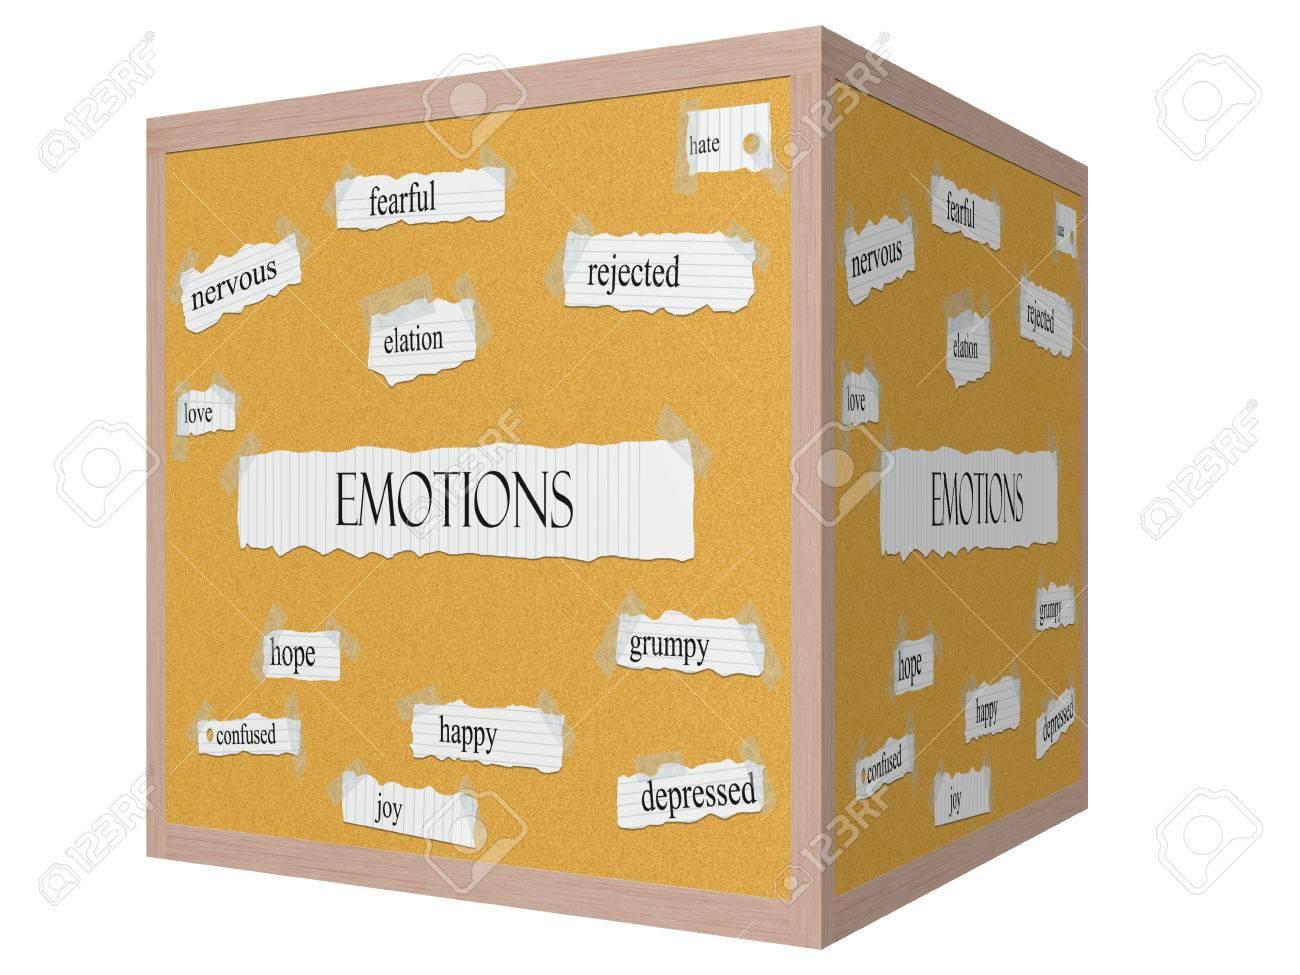 Emotion 3d Würfel Corkboard Word Konzept Mit Großen Begriffen Wie